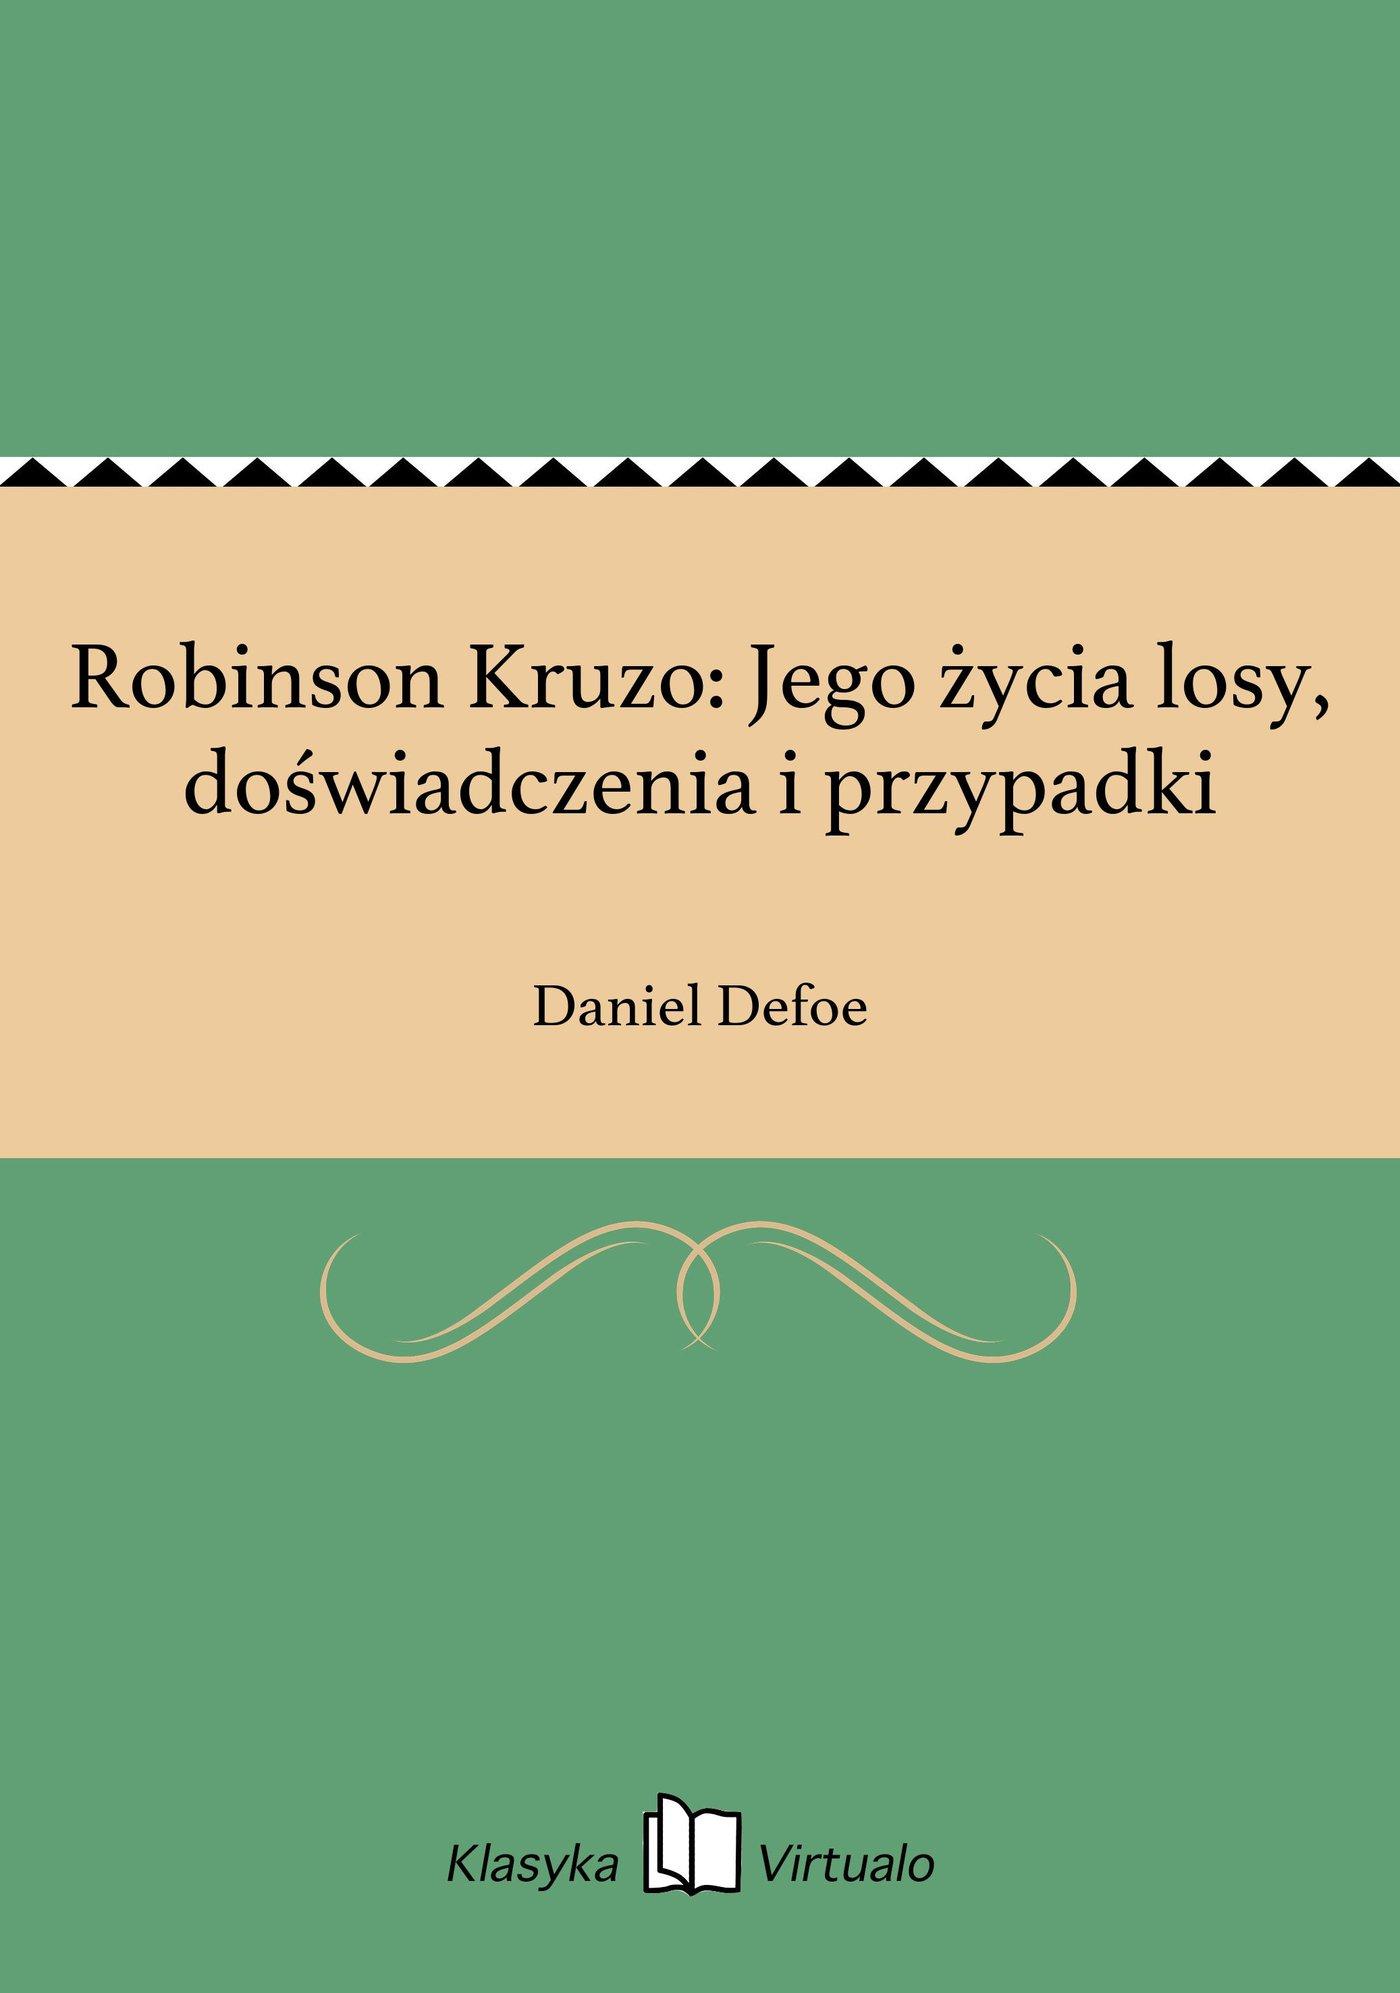 Robinson Kruzo: Jego życia losy, doświadczenia i przypadki - Ebook (Książka EPUB) do pobrania w formacie EPUB